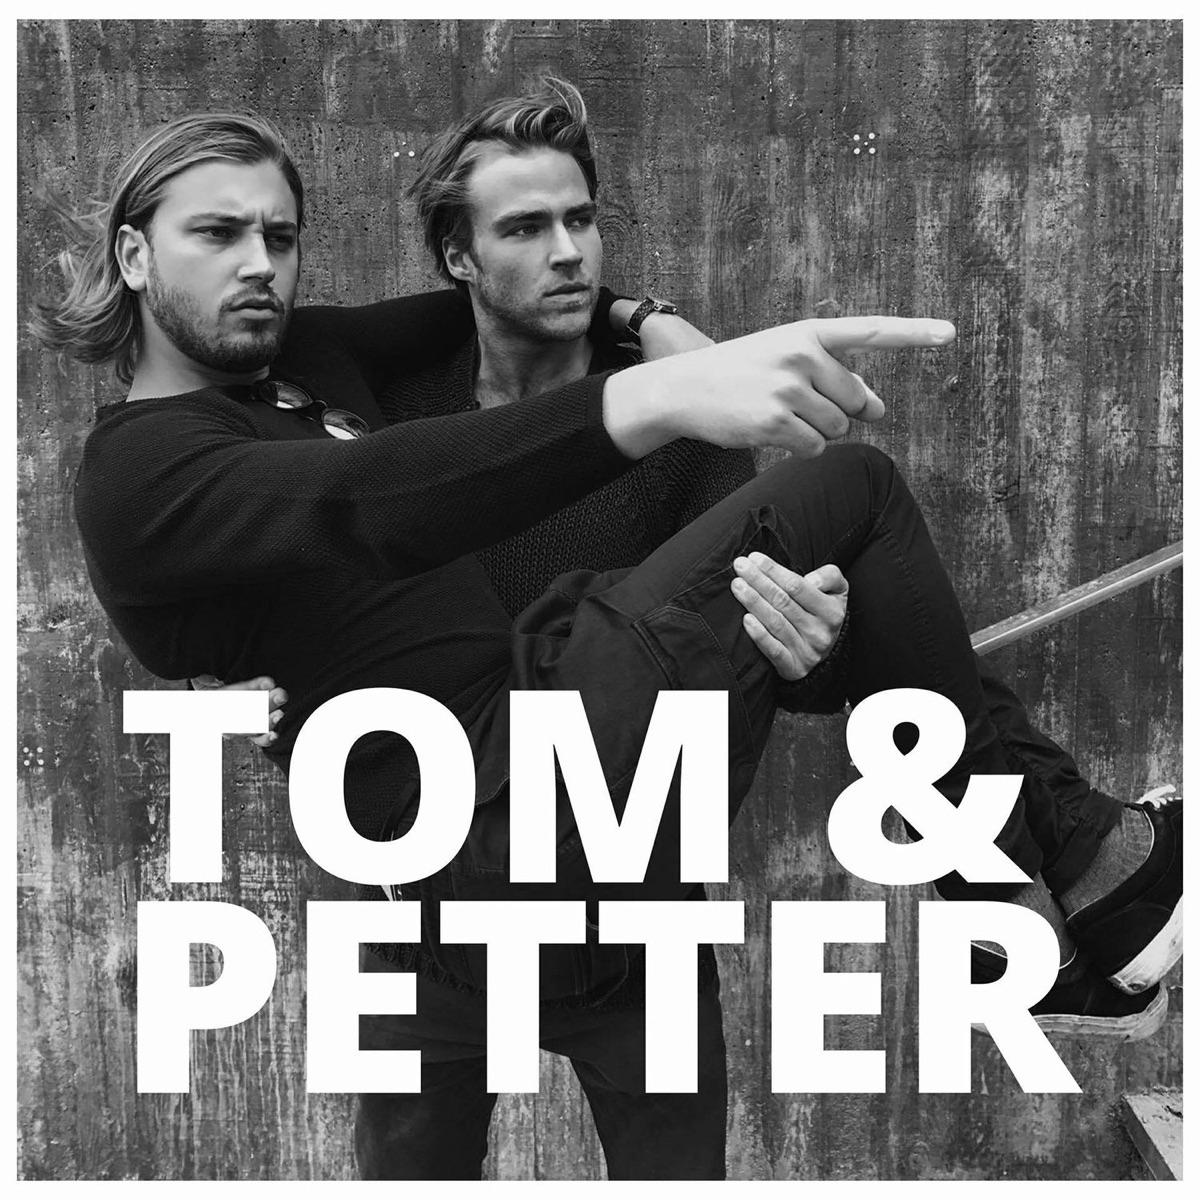 Tom och Petter